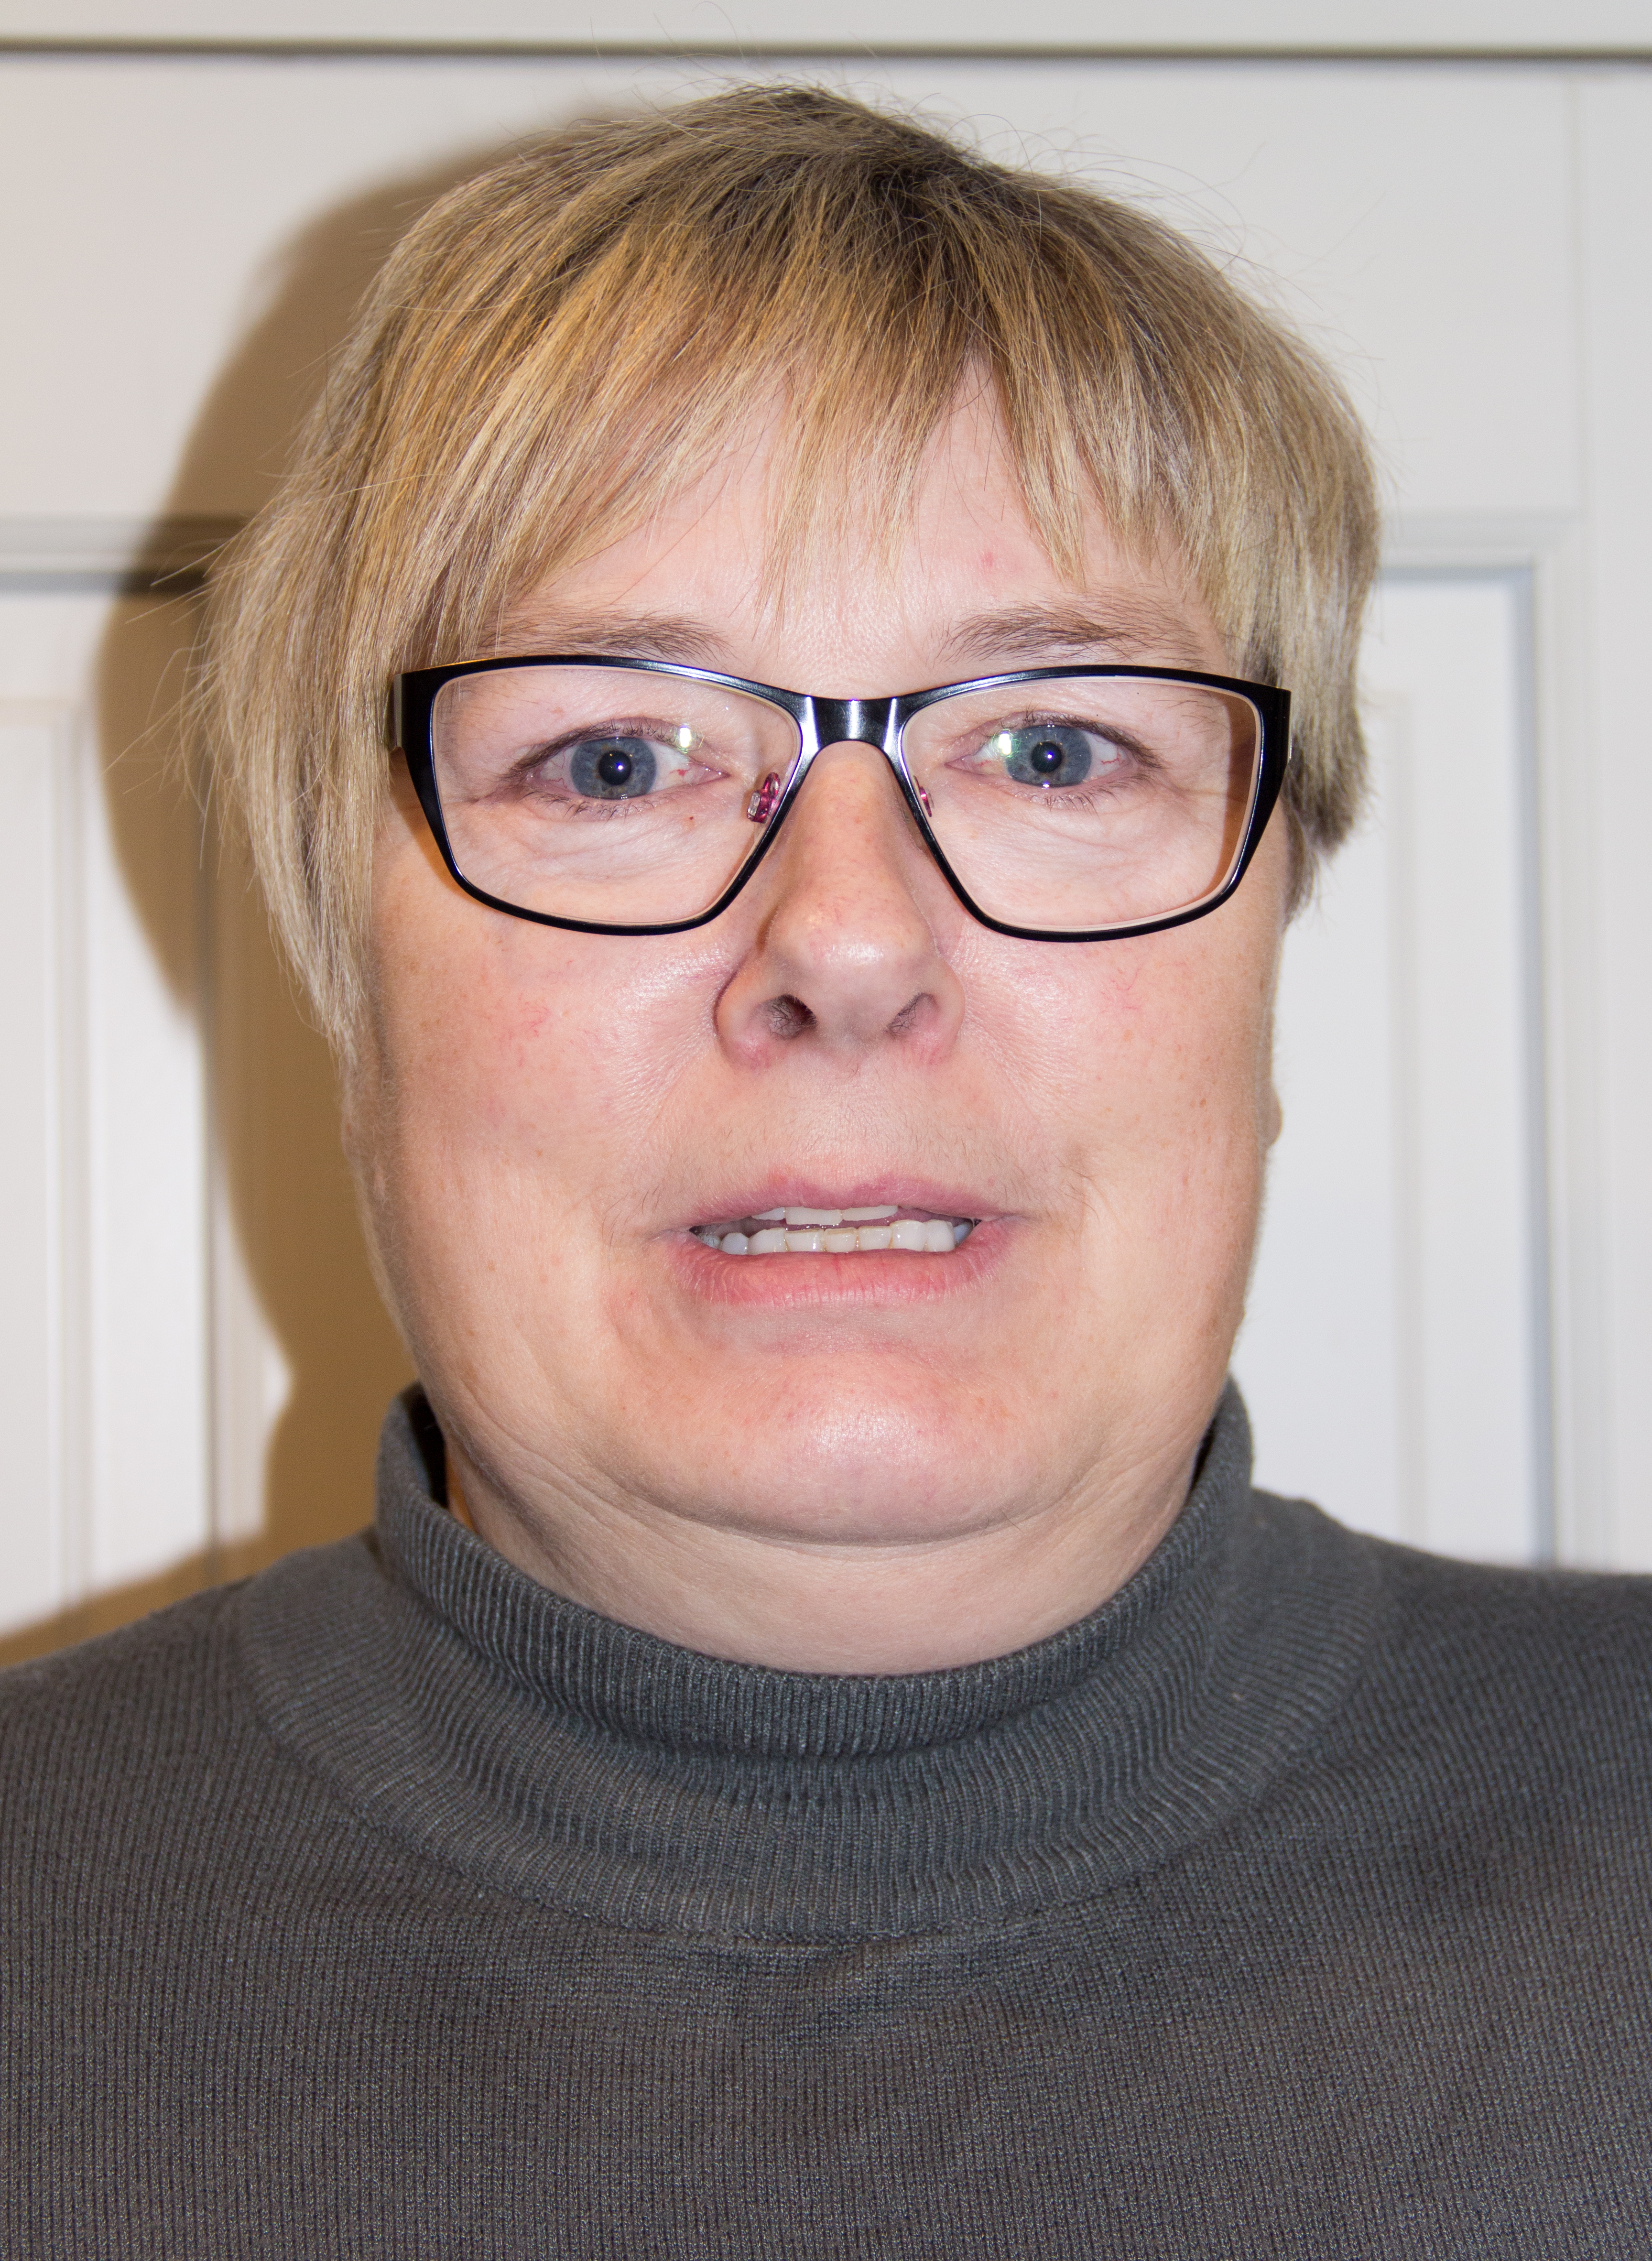 Jonna Kjeldsen